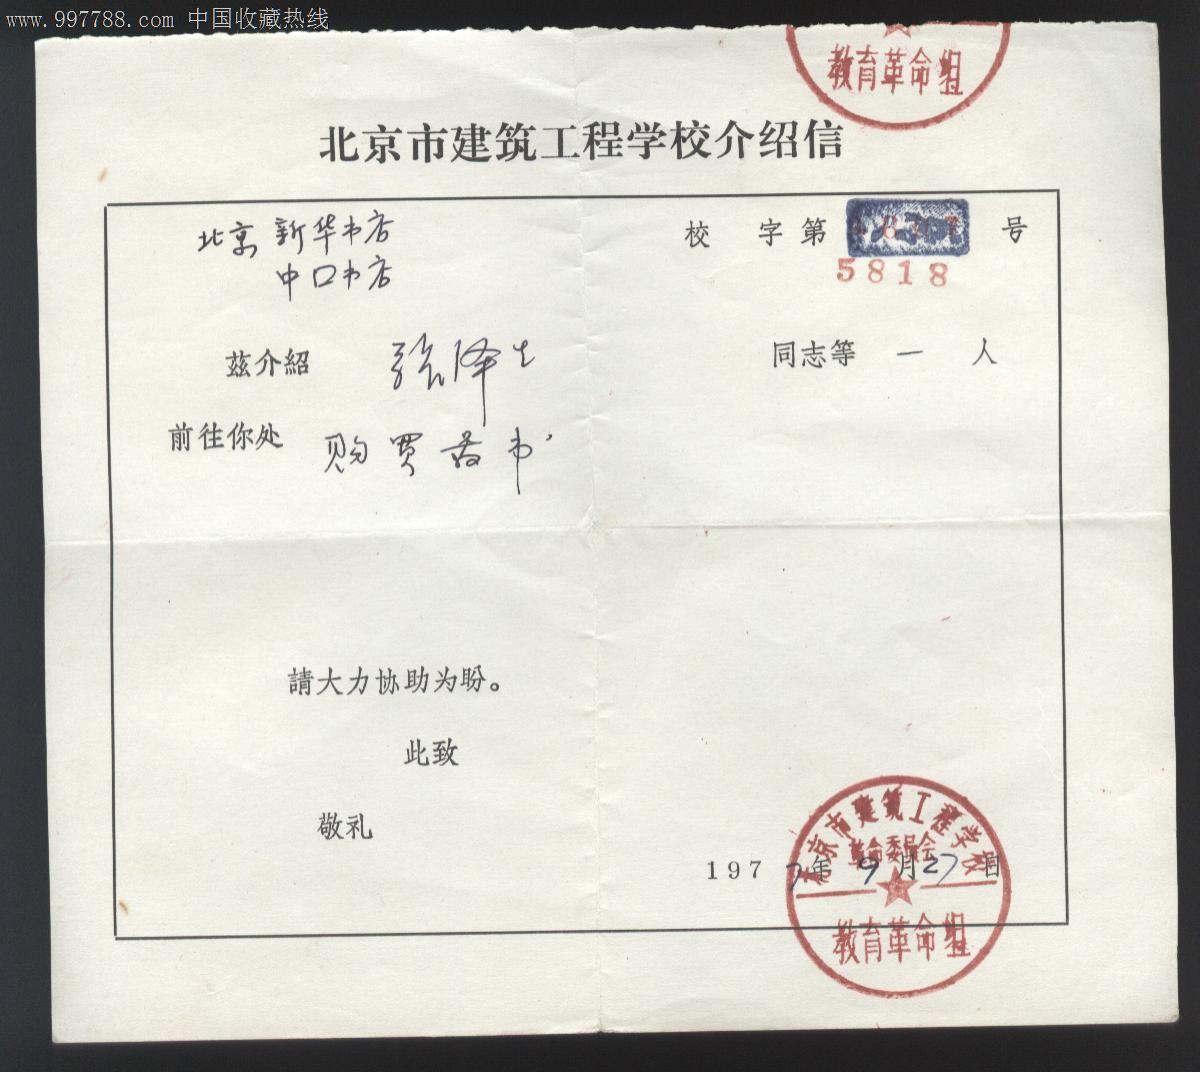 北京,,,,, 简介: 文革时期,北京市建筑工程学校《调查证明材料介绍信图片